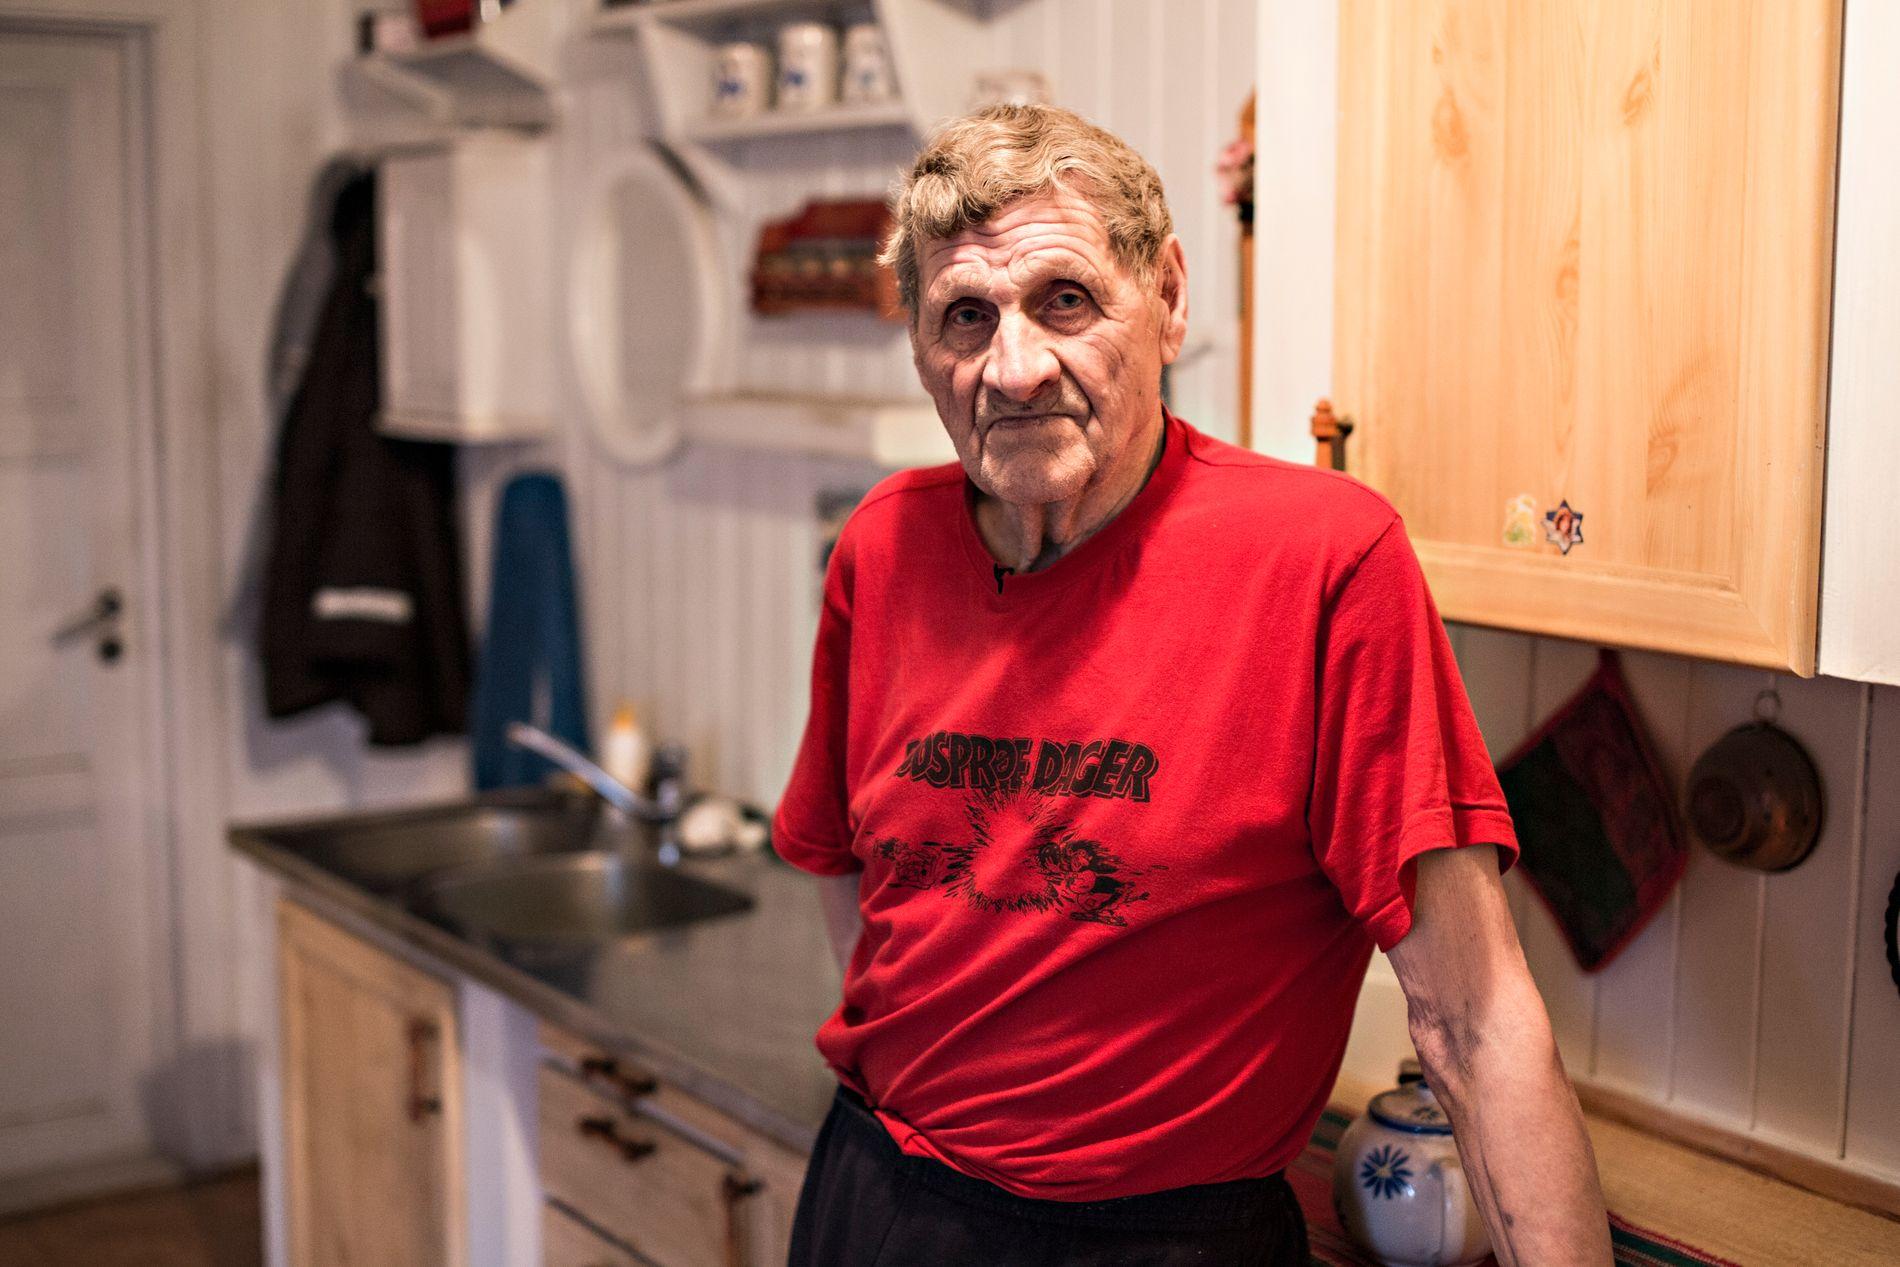 KJØKKENET: Det var her 86-åringen ble sprayet i øynene med pepperspray av politiet.